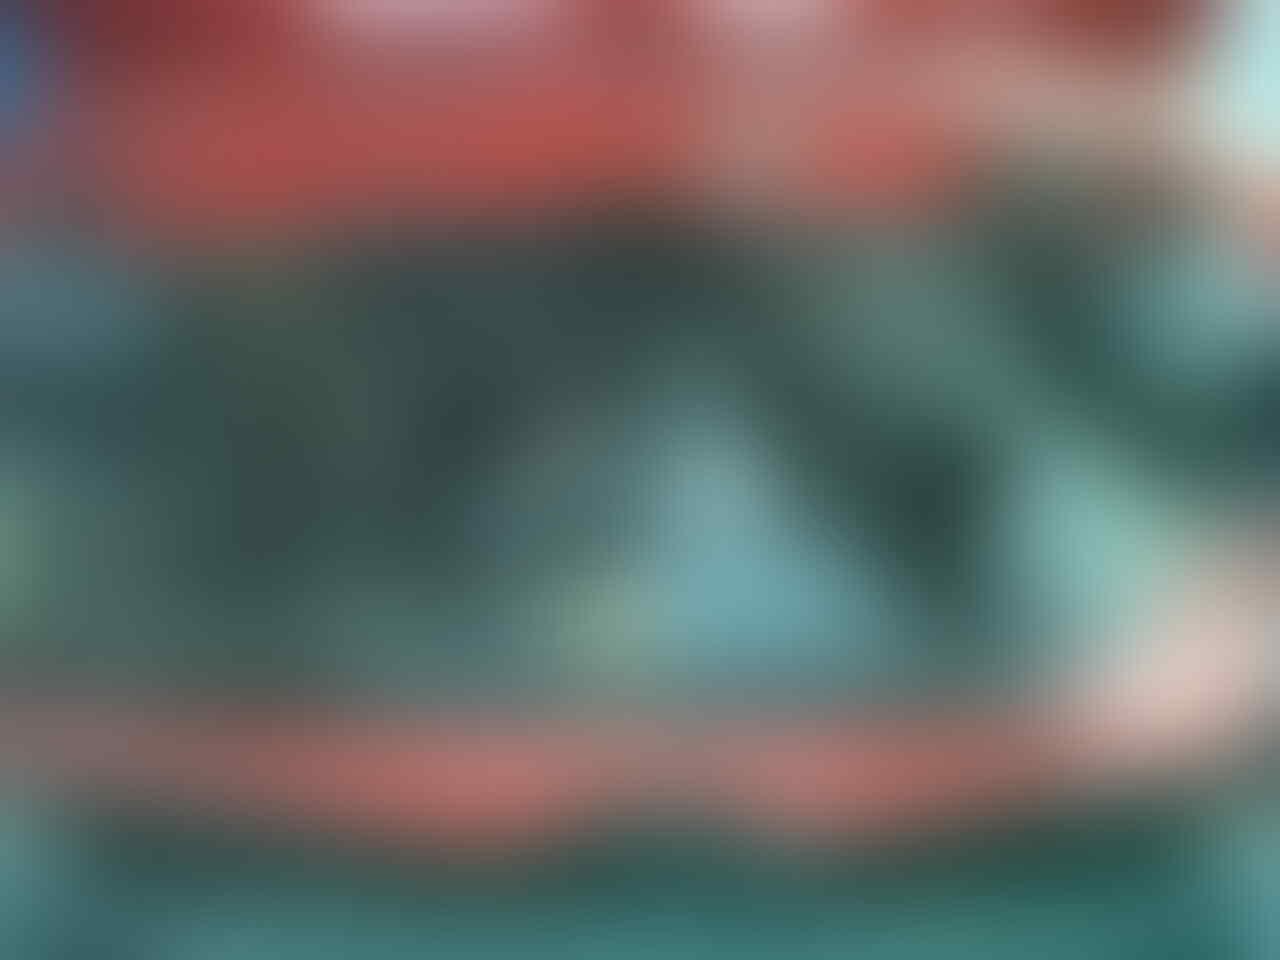 corolla dx tahun 1983 merah, surabaya, kondisi bagus